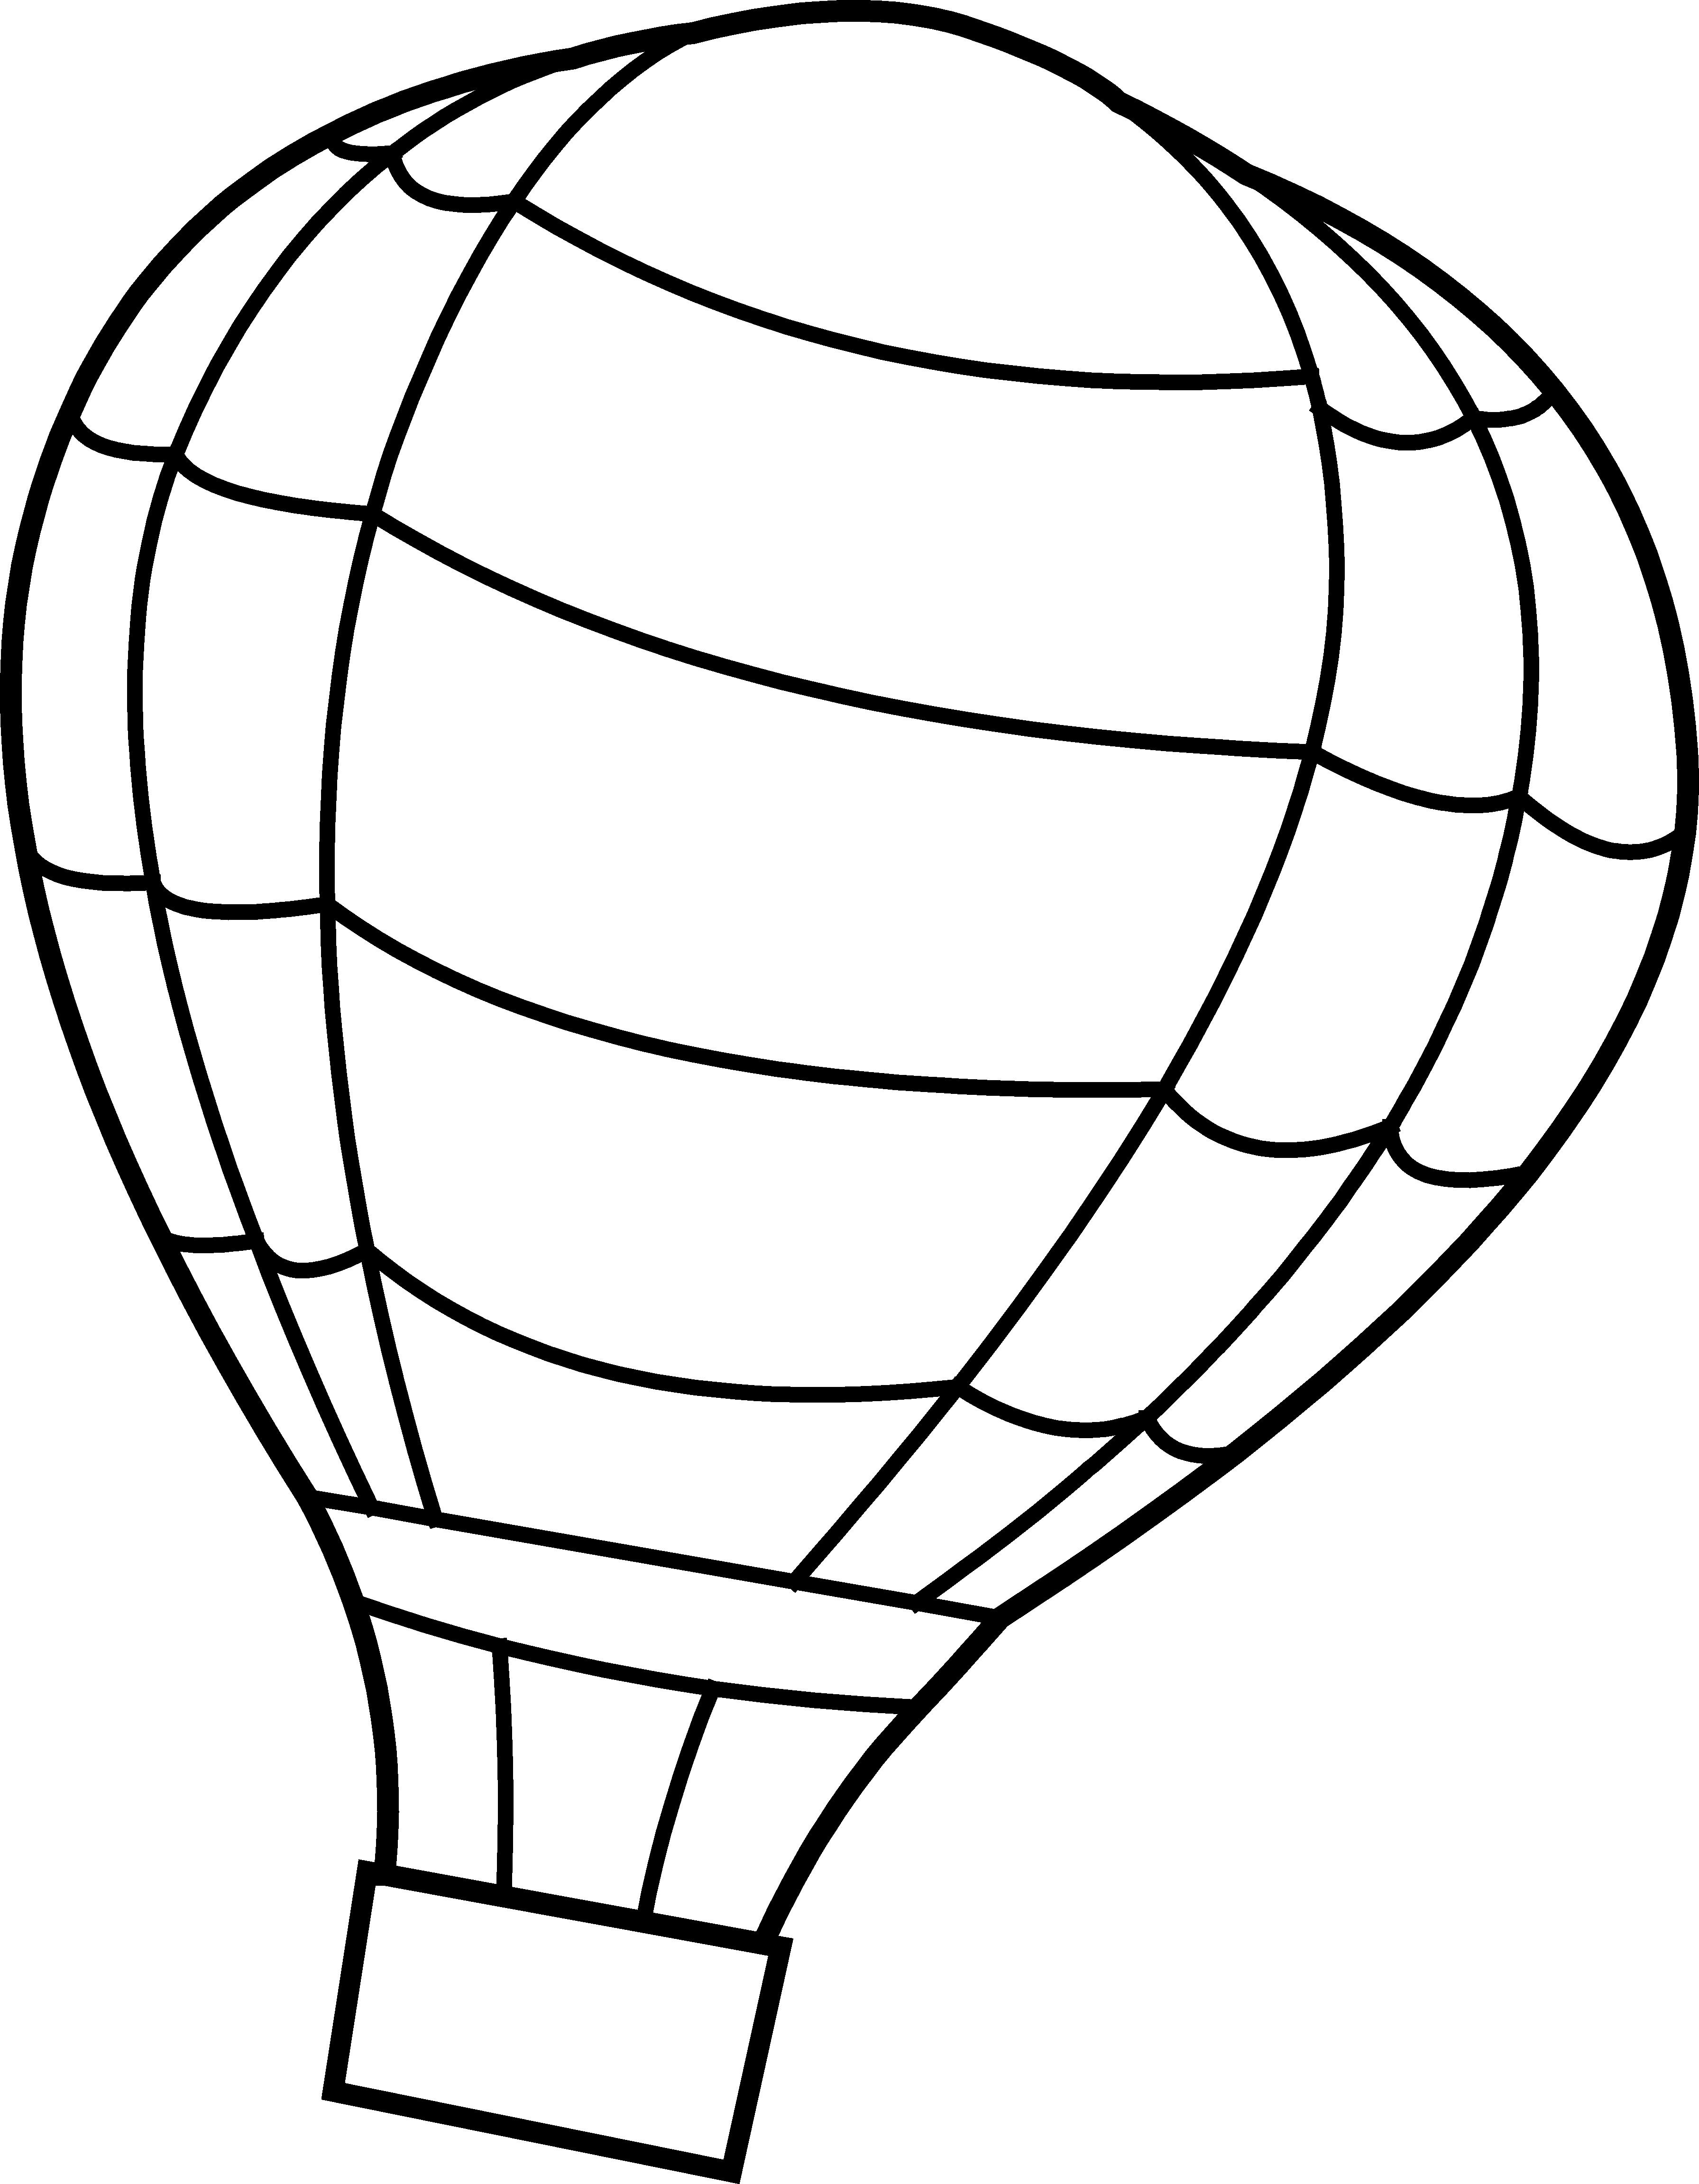 White clipart confetti. Hot air balloon basket